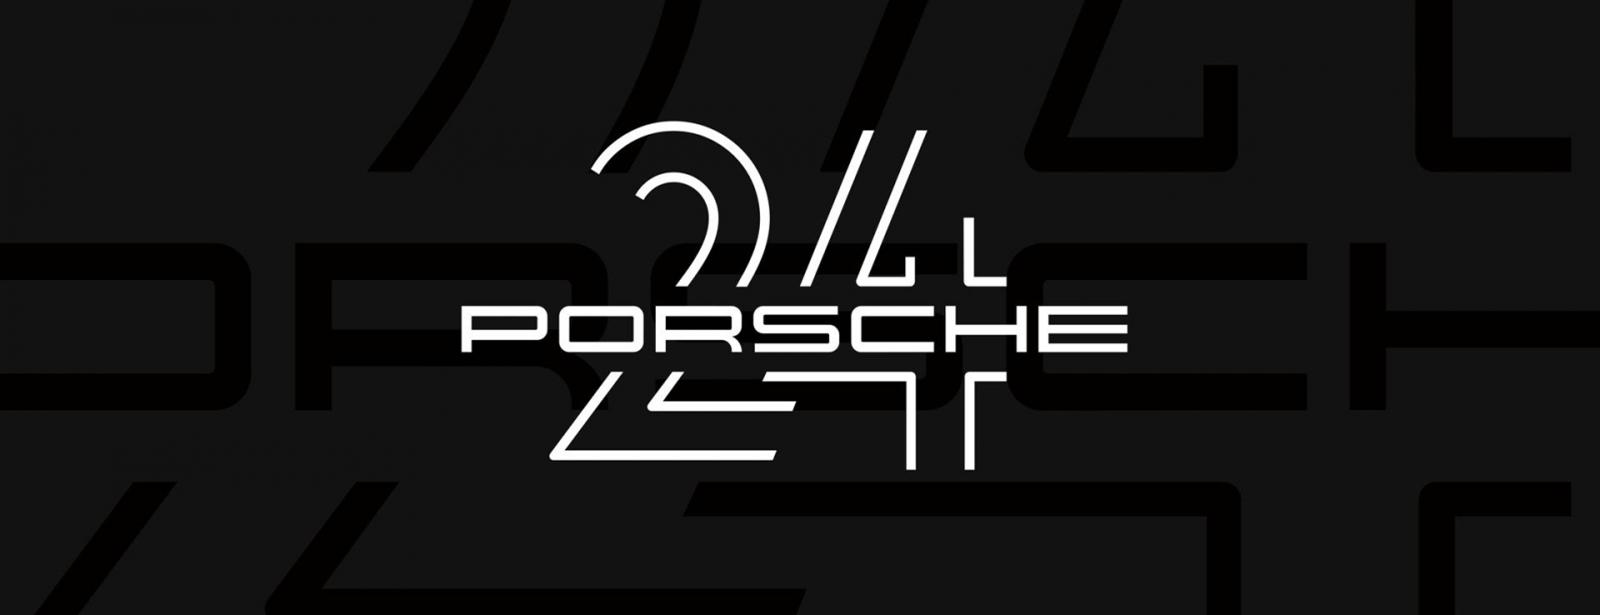 Porsche24. - Rijden wordt beloond.